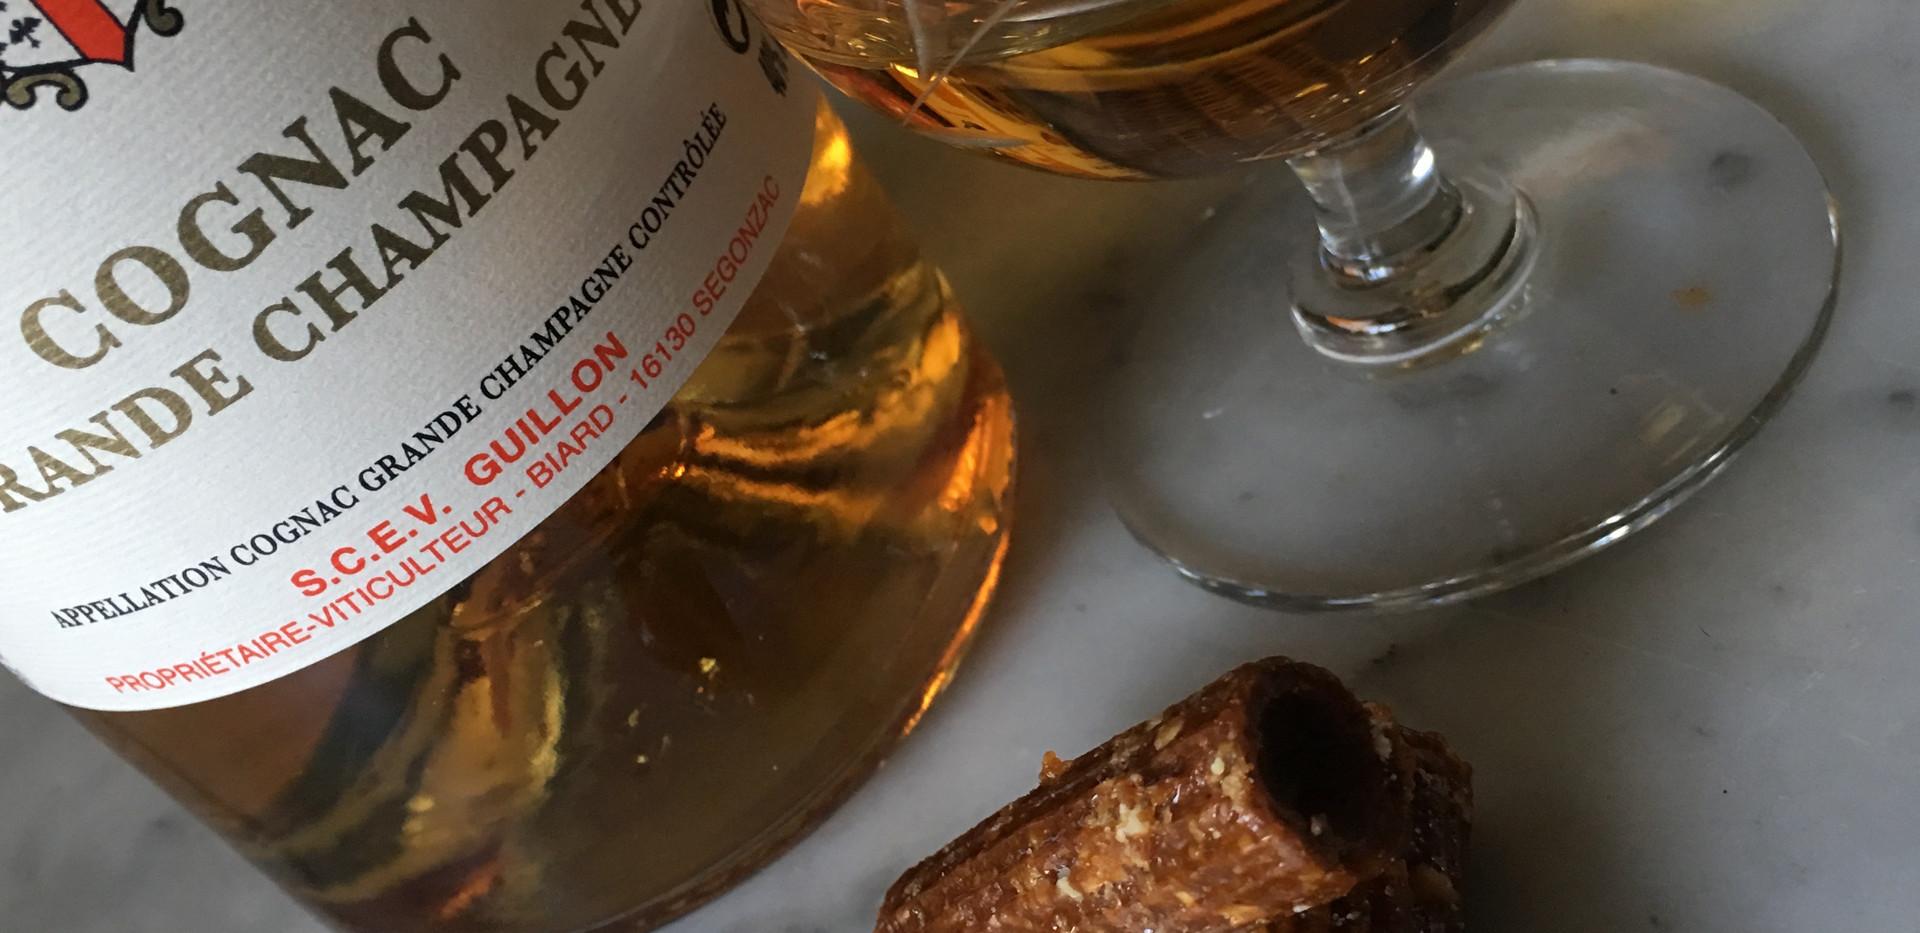 IMG_0304 Cognac.jpg